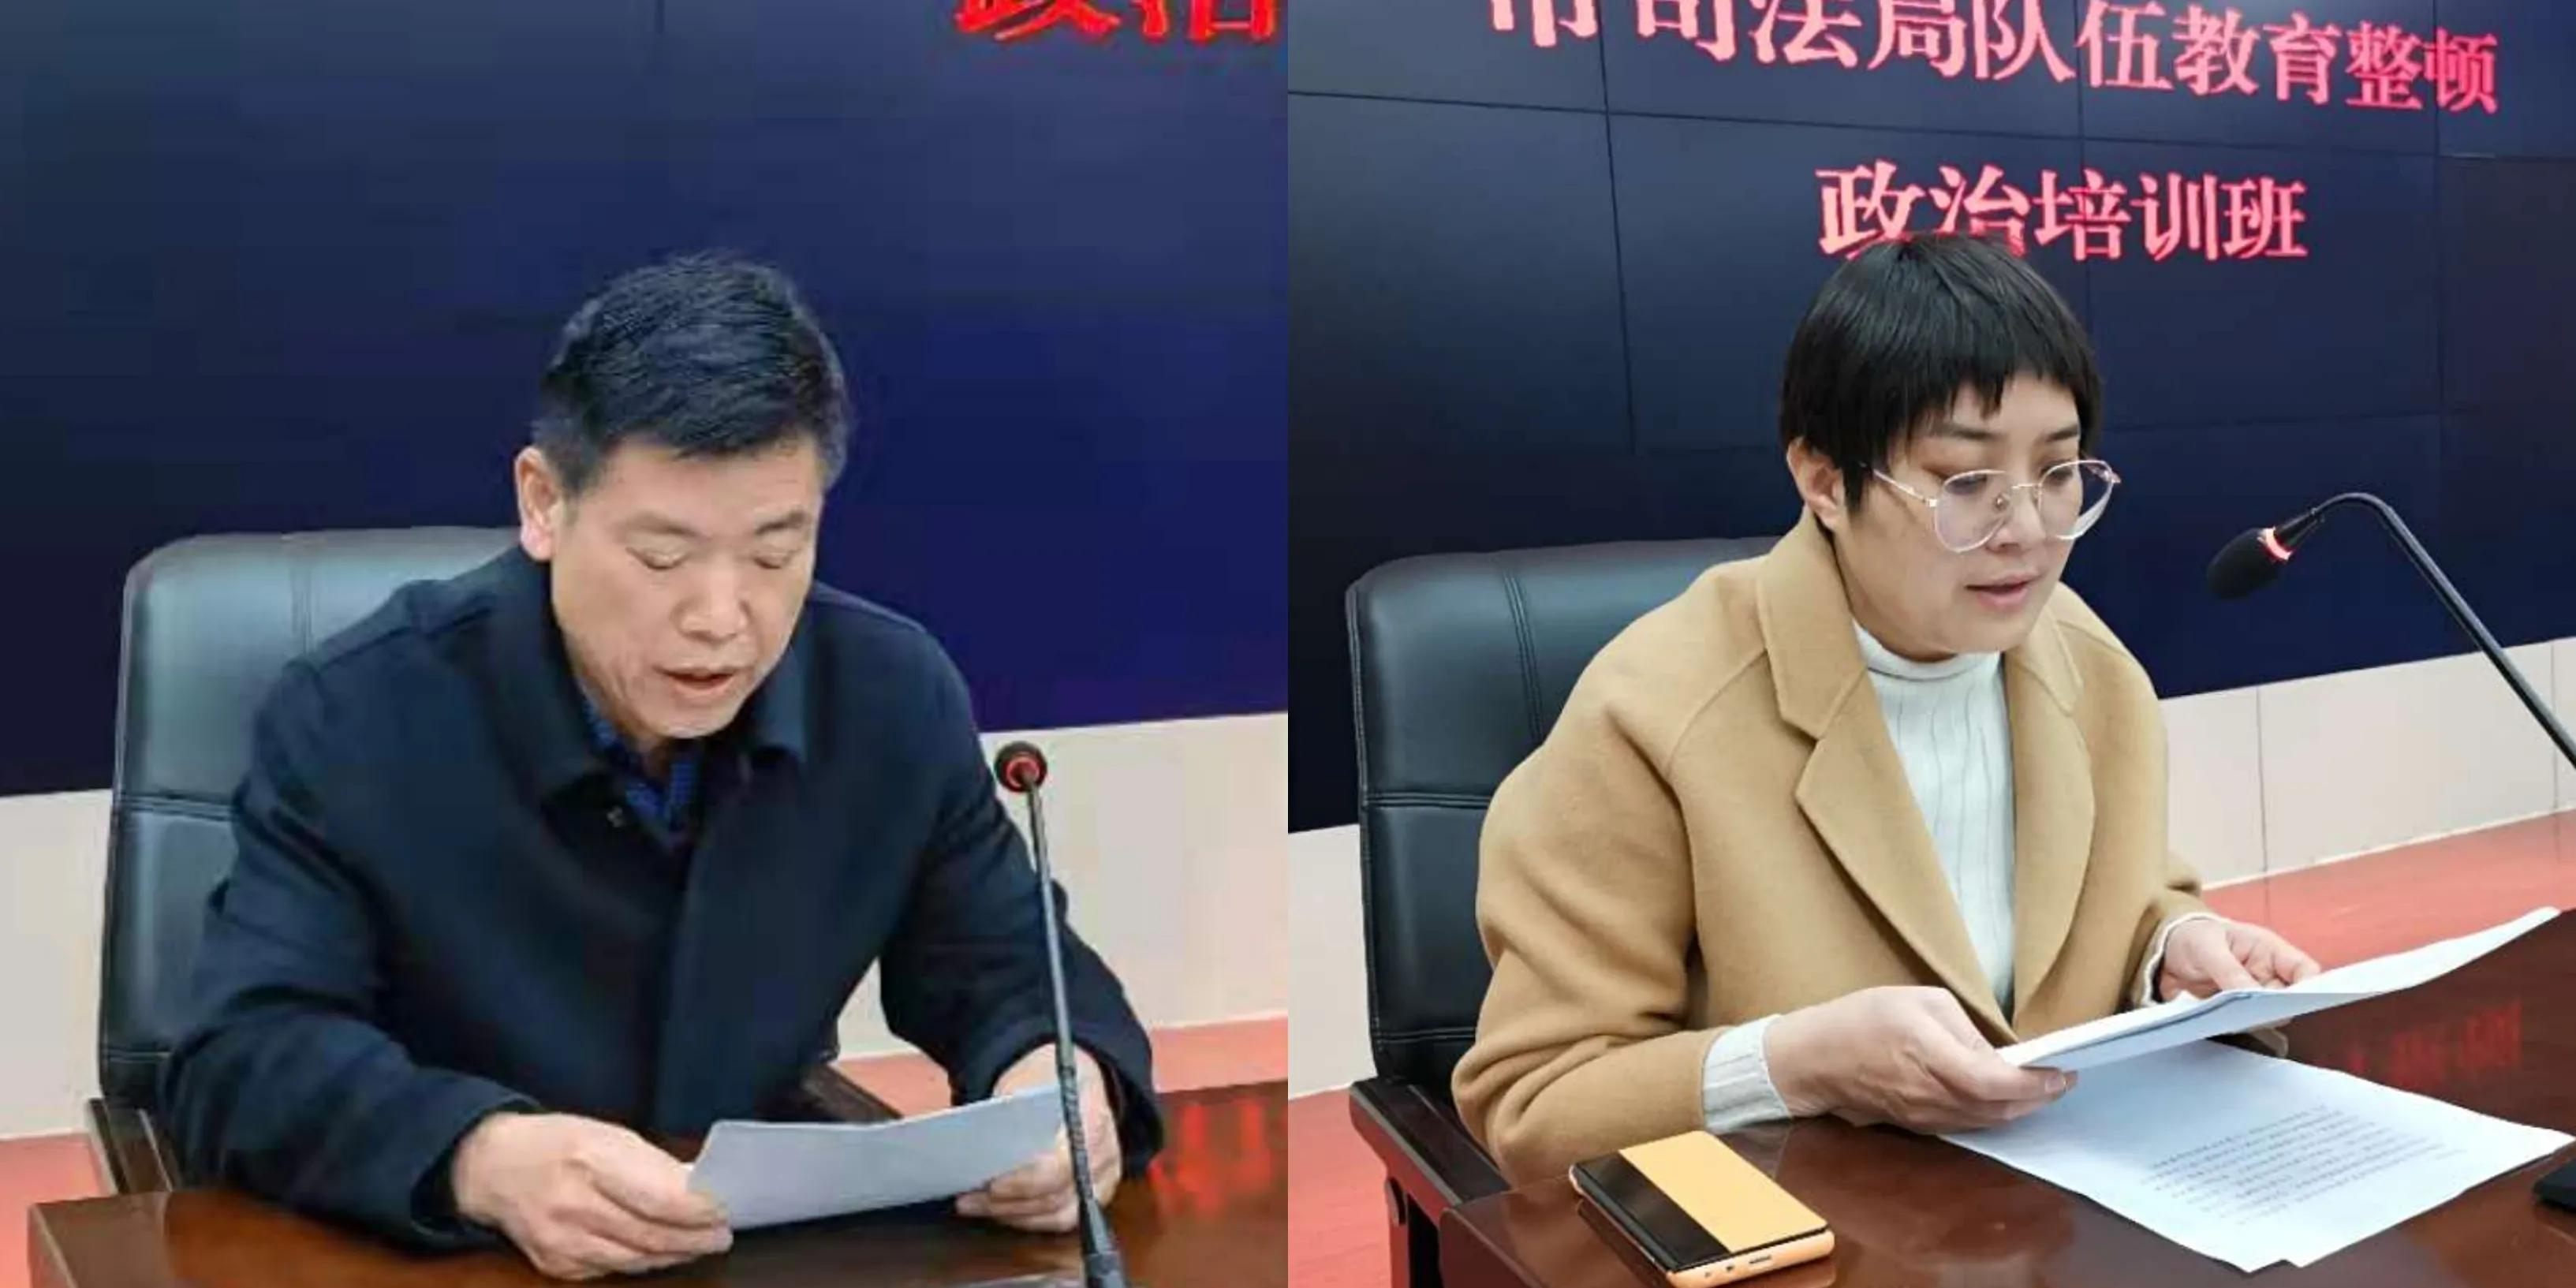 【教育整顿•进行时】枣庄市司法局举办队伍教育整顿政治培训